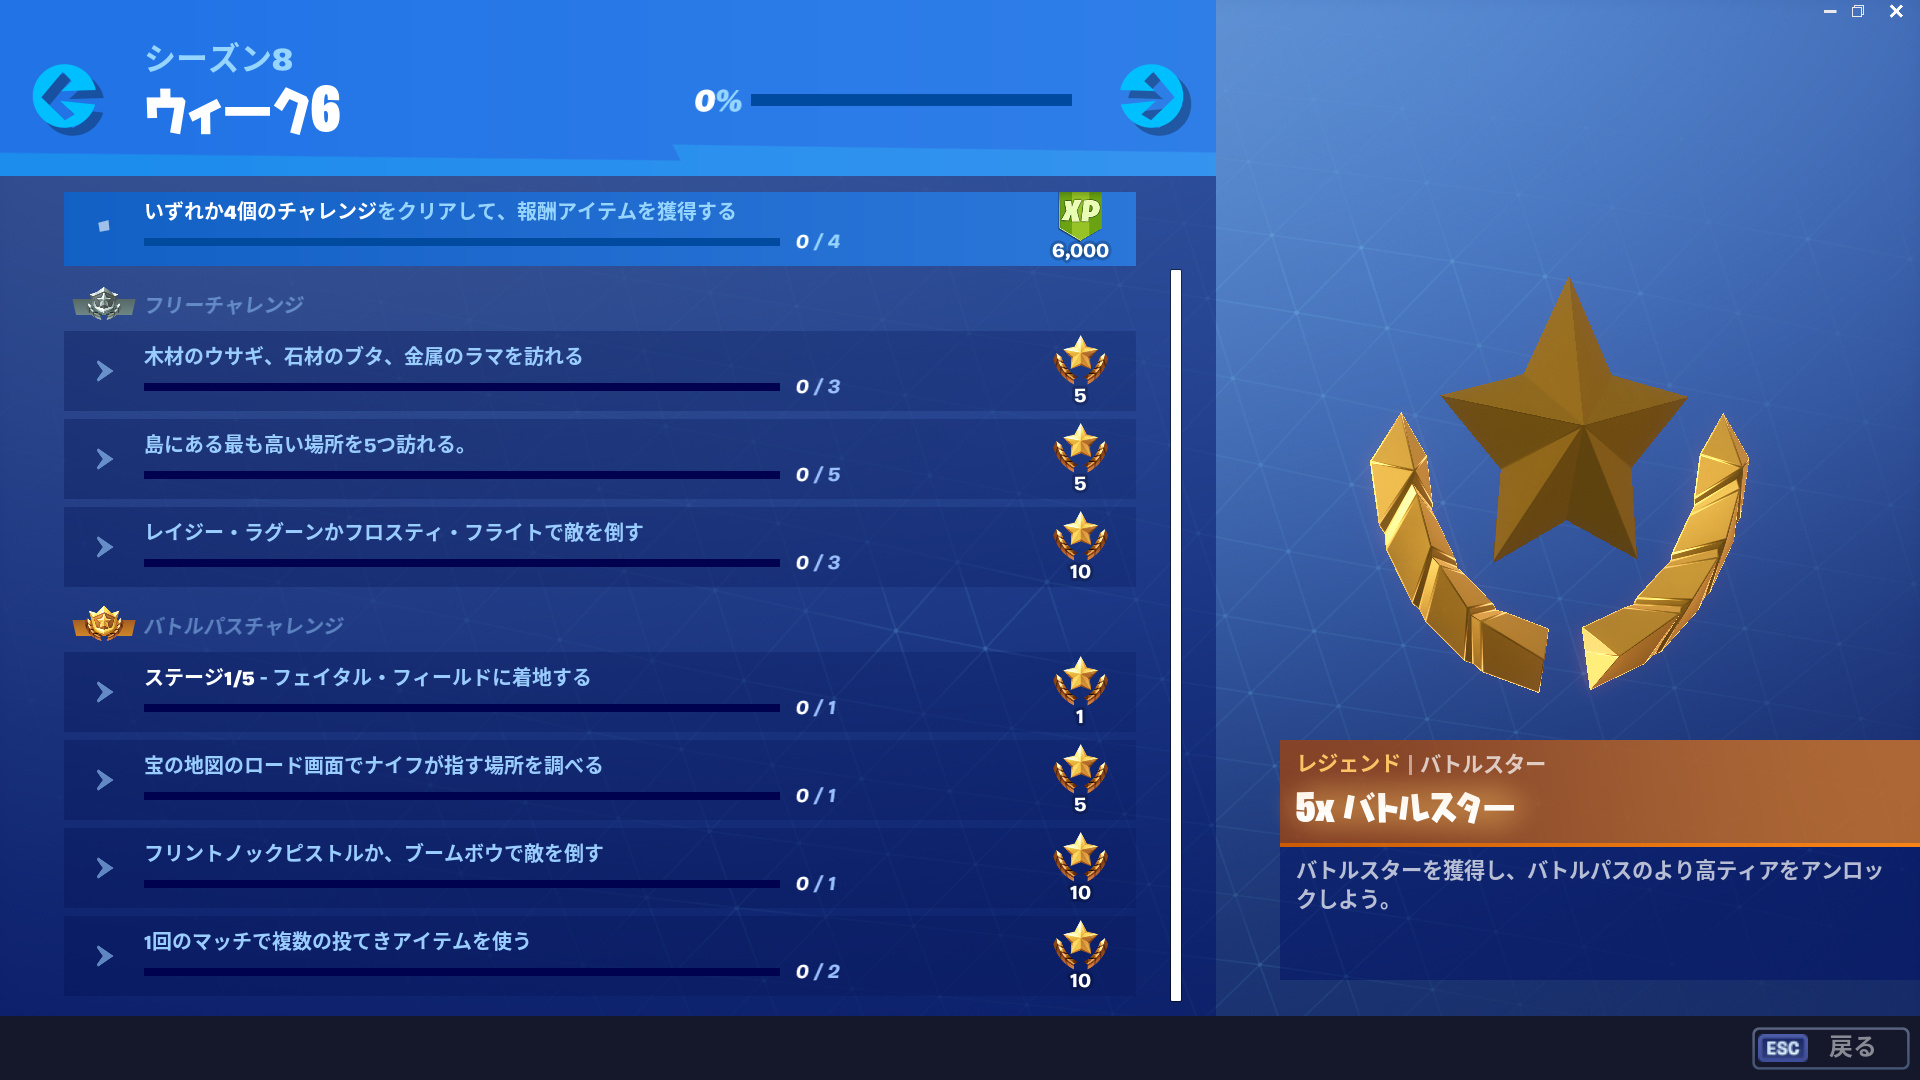 8 チャレンジ